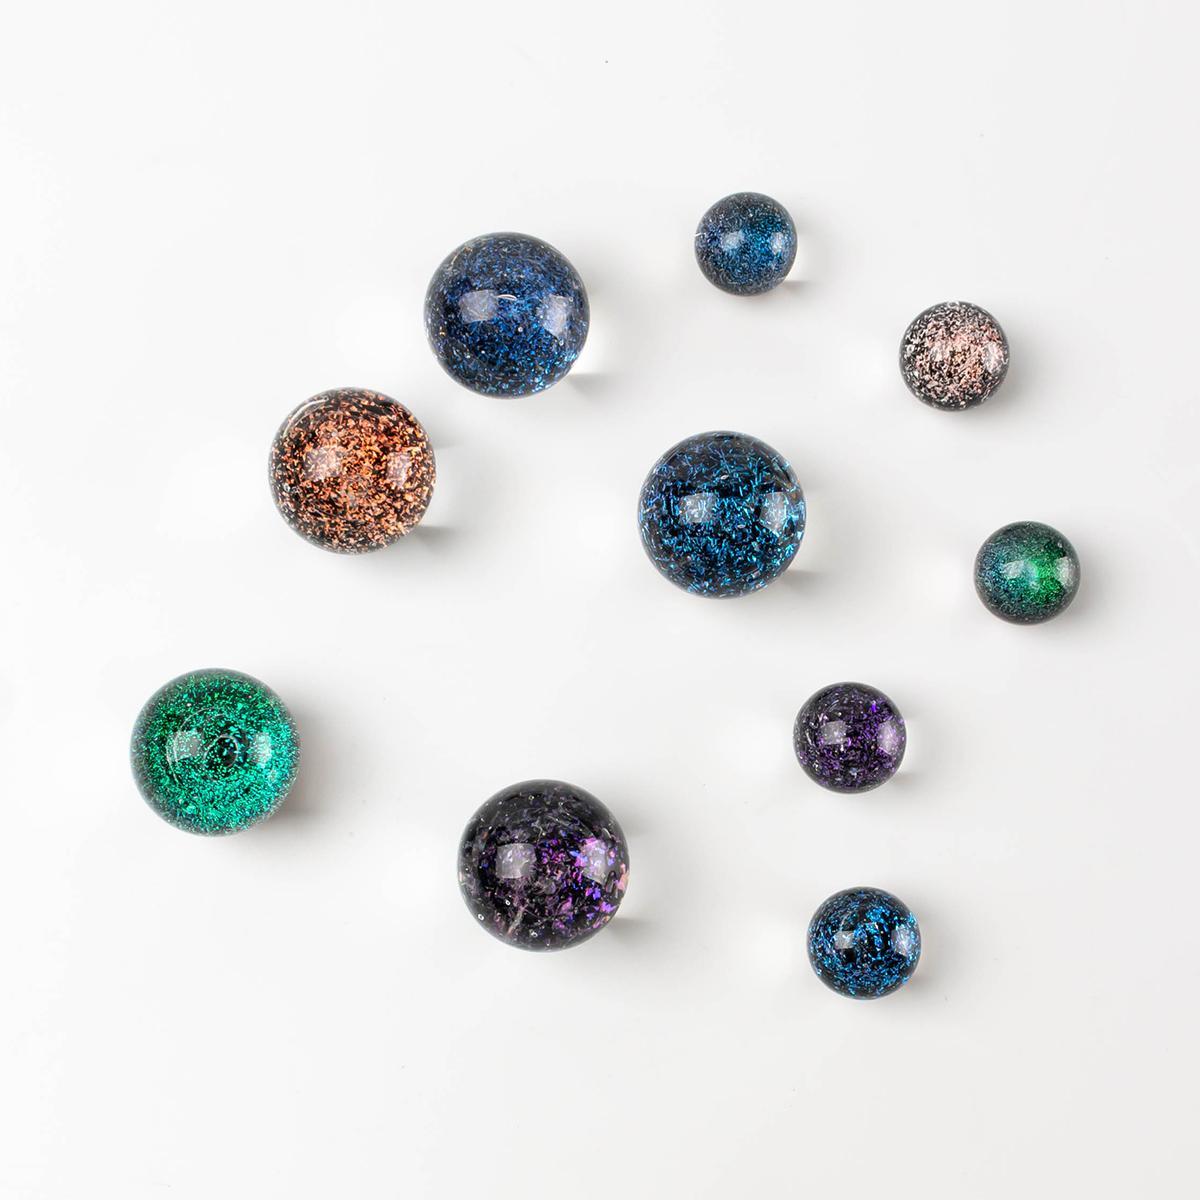 Desenhos de narguilhs TERP Pérolas de vidro bola colorida estrela céu od 14mm 22mm carb tampa para o equipamento de quartzo banger